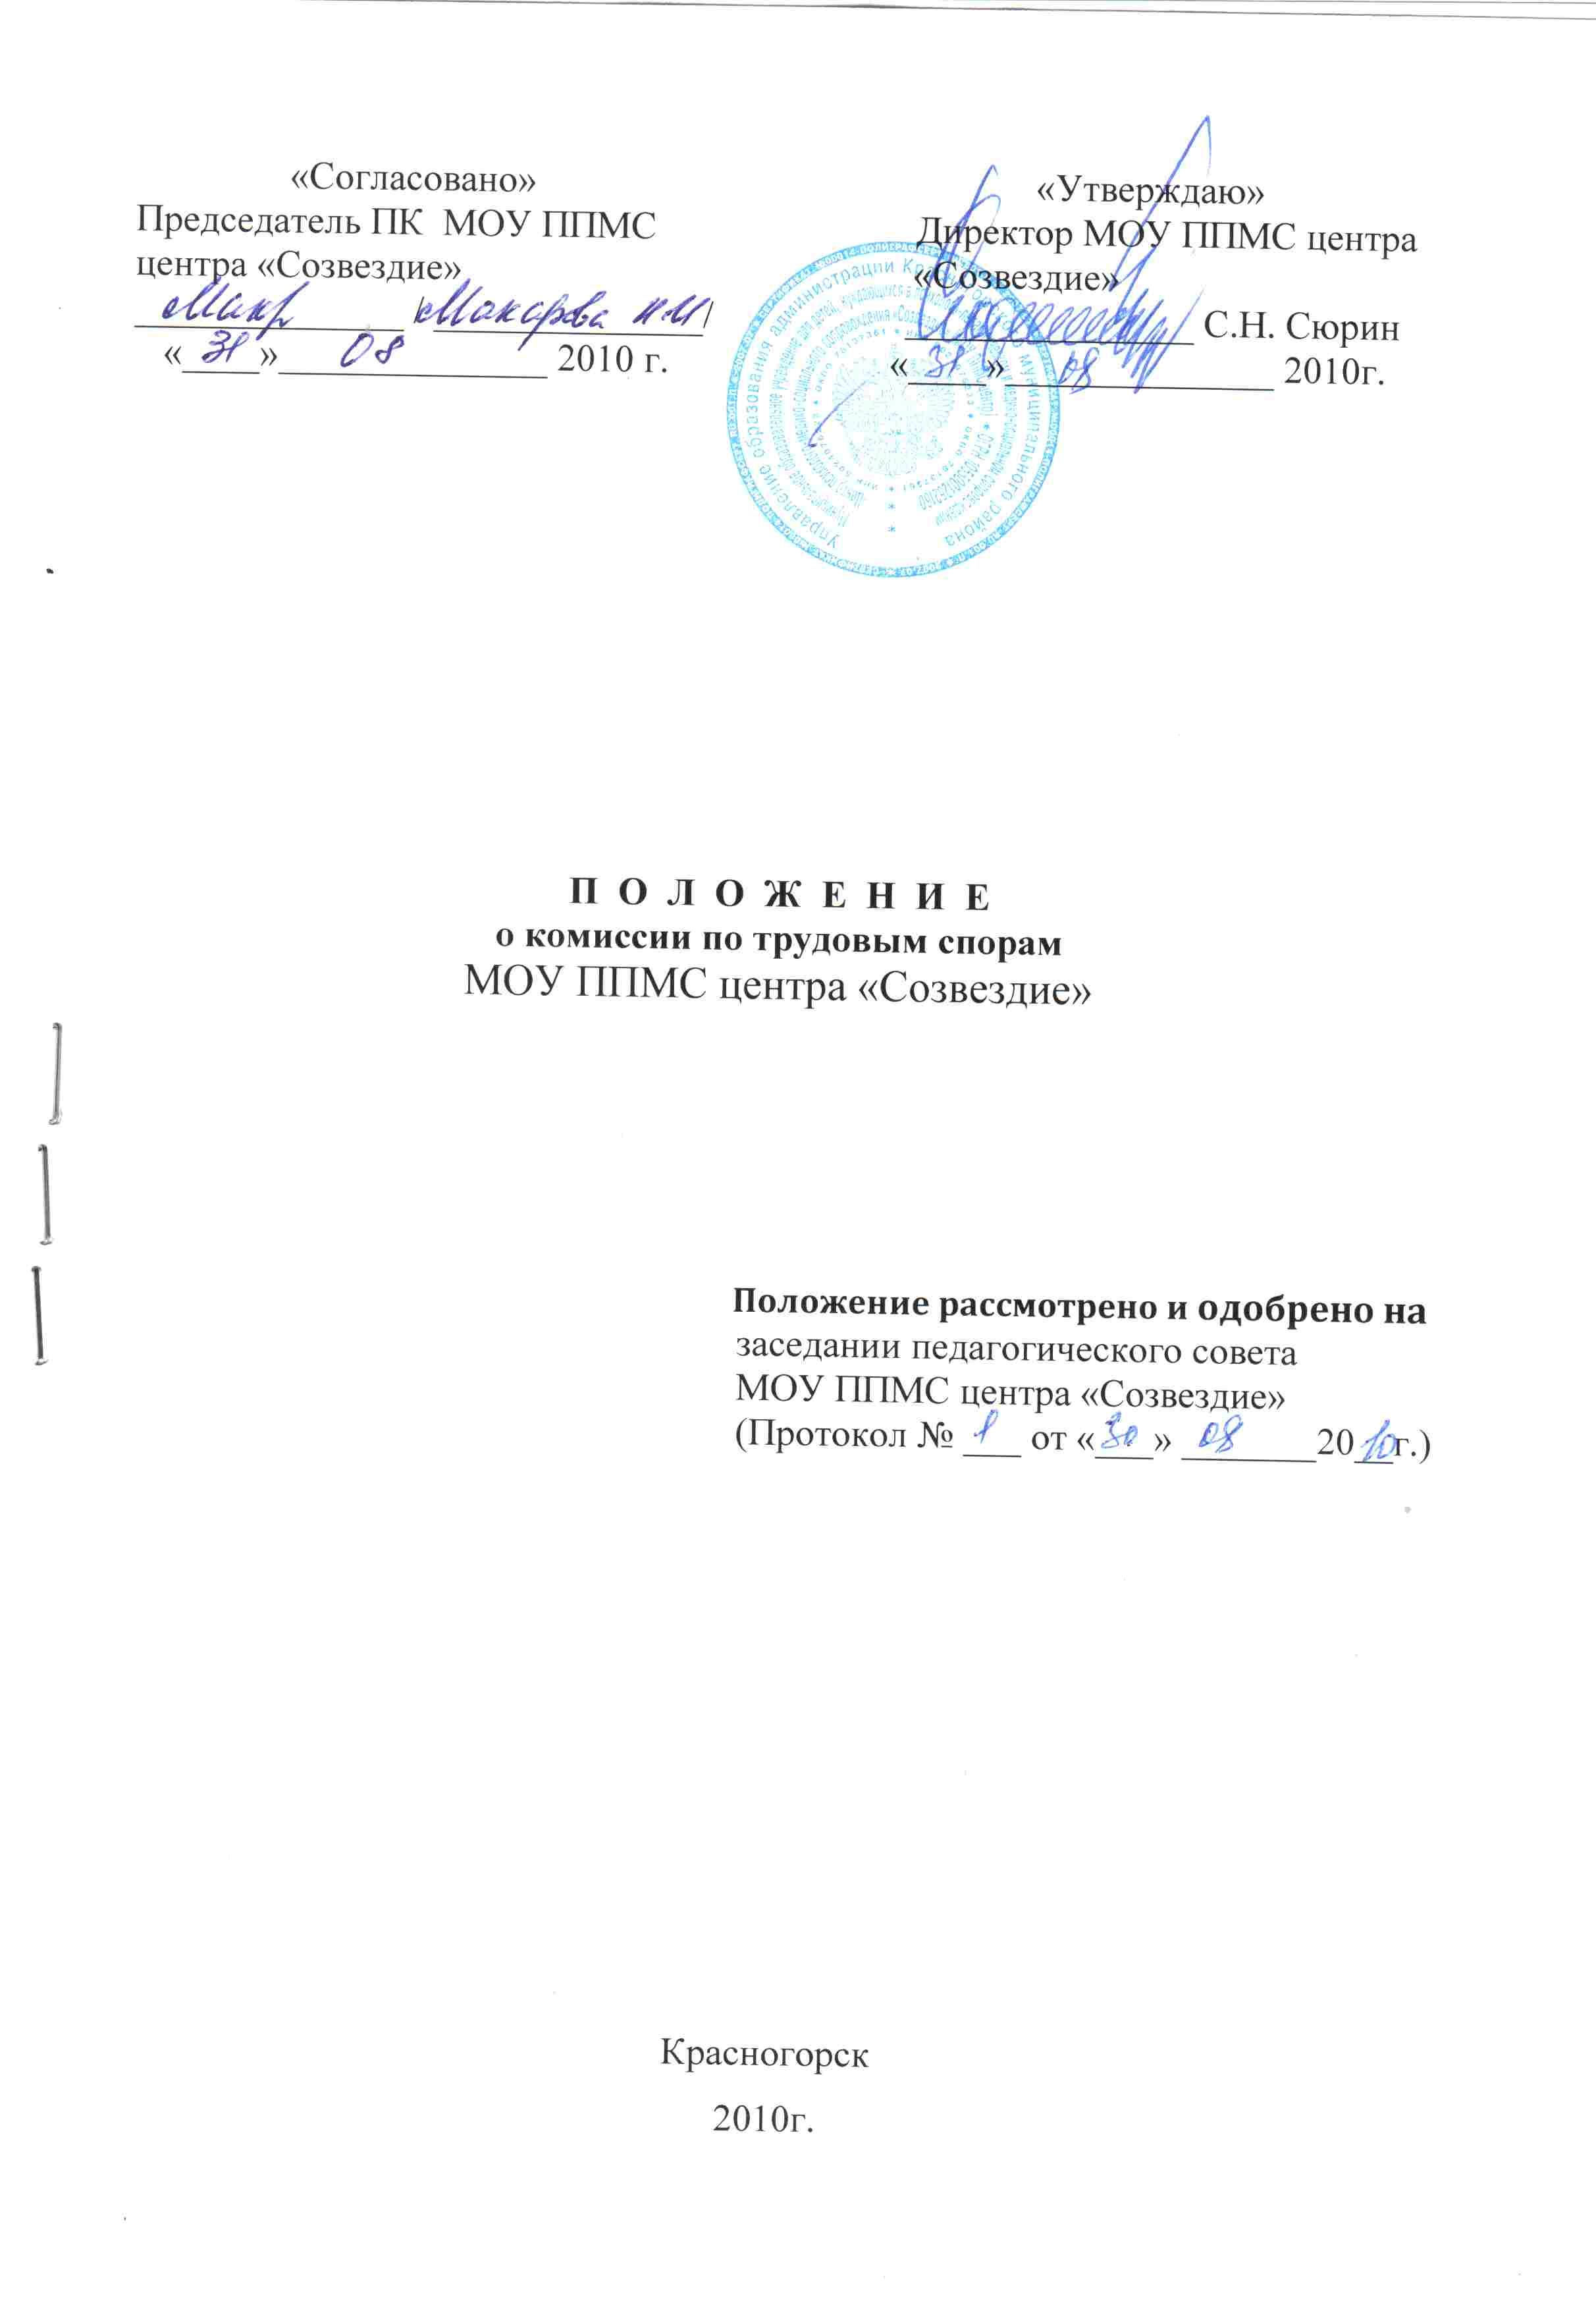 образец печати комиссии по трудовым спорам ходить